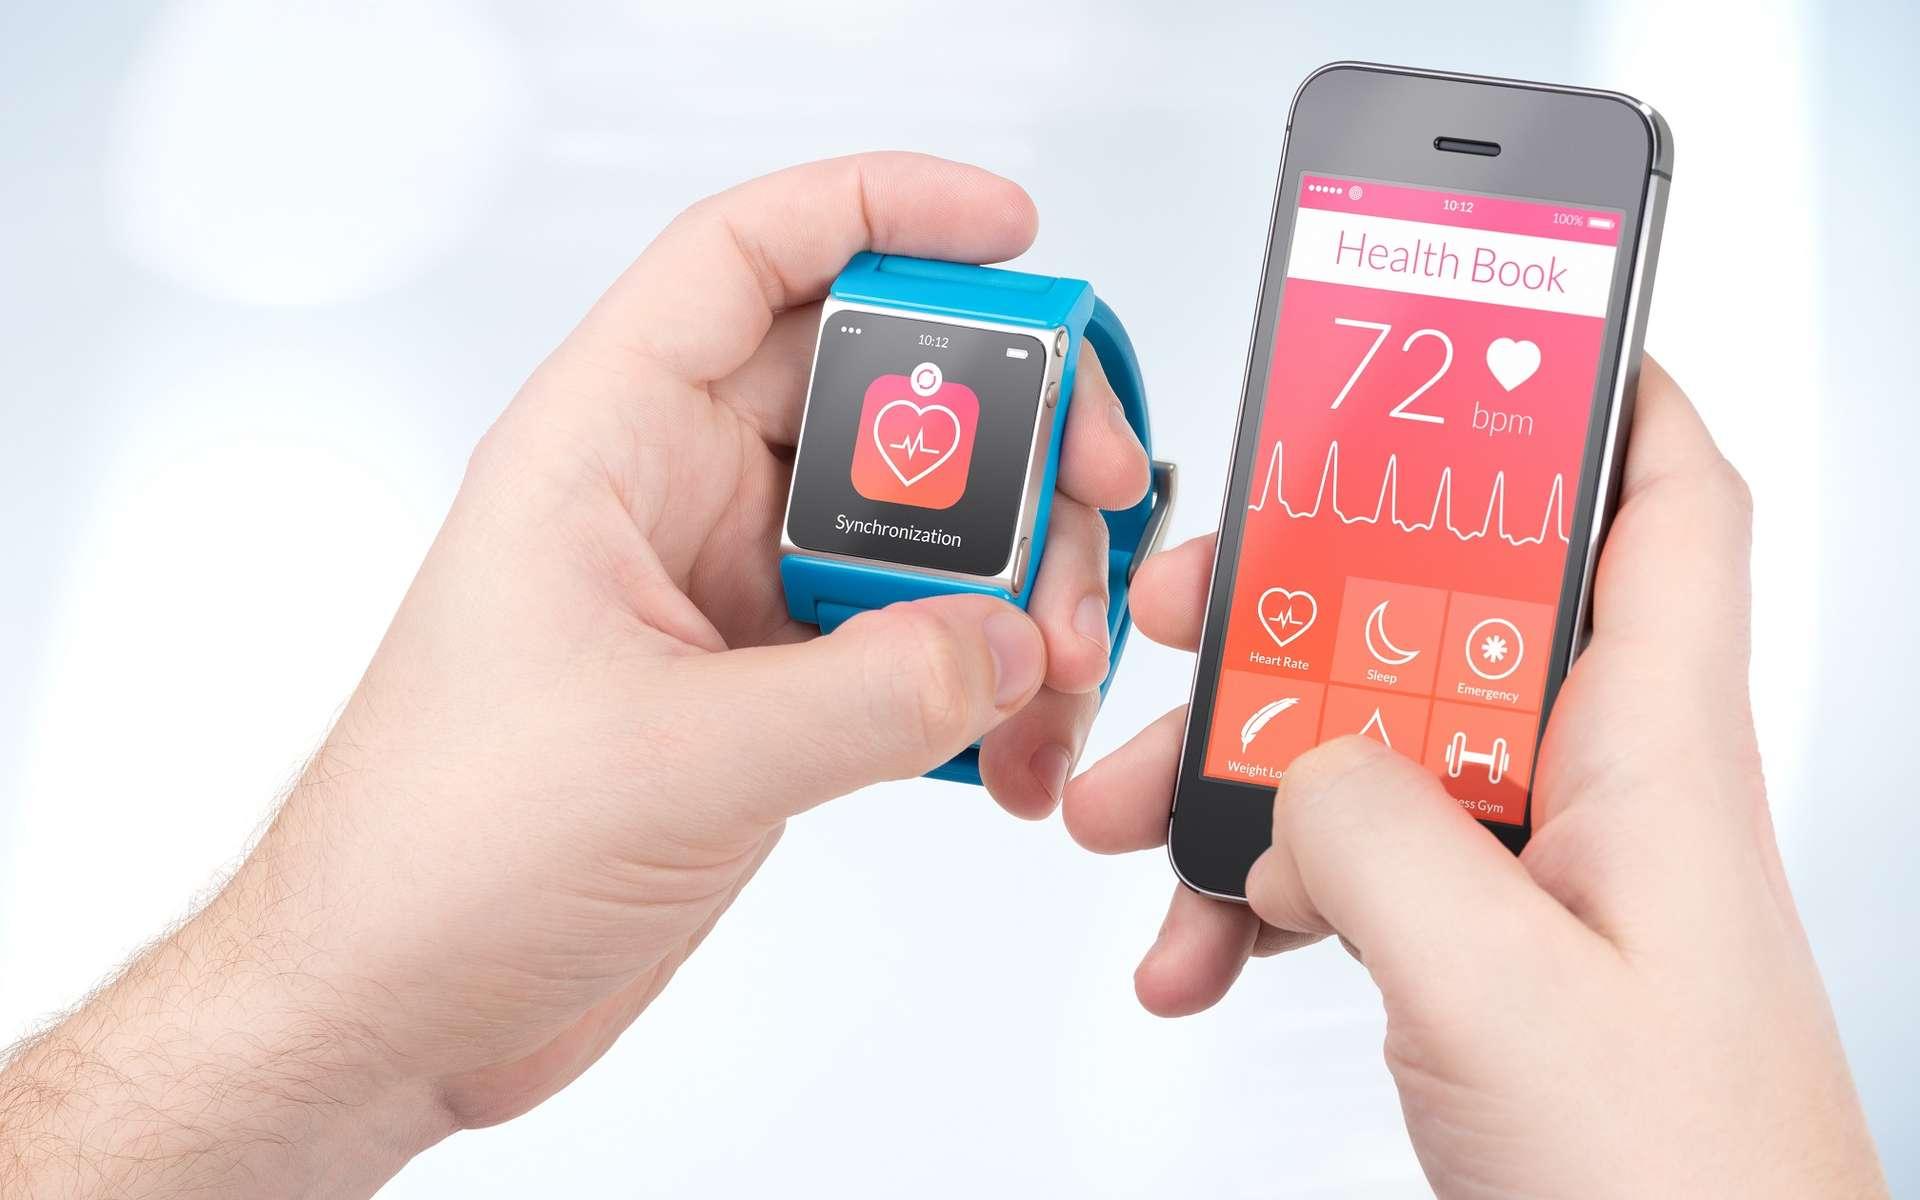 Il existe de nombreuses applications santé pour smartphones et objets connectés. © Alexey Boldin, Shutterstock